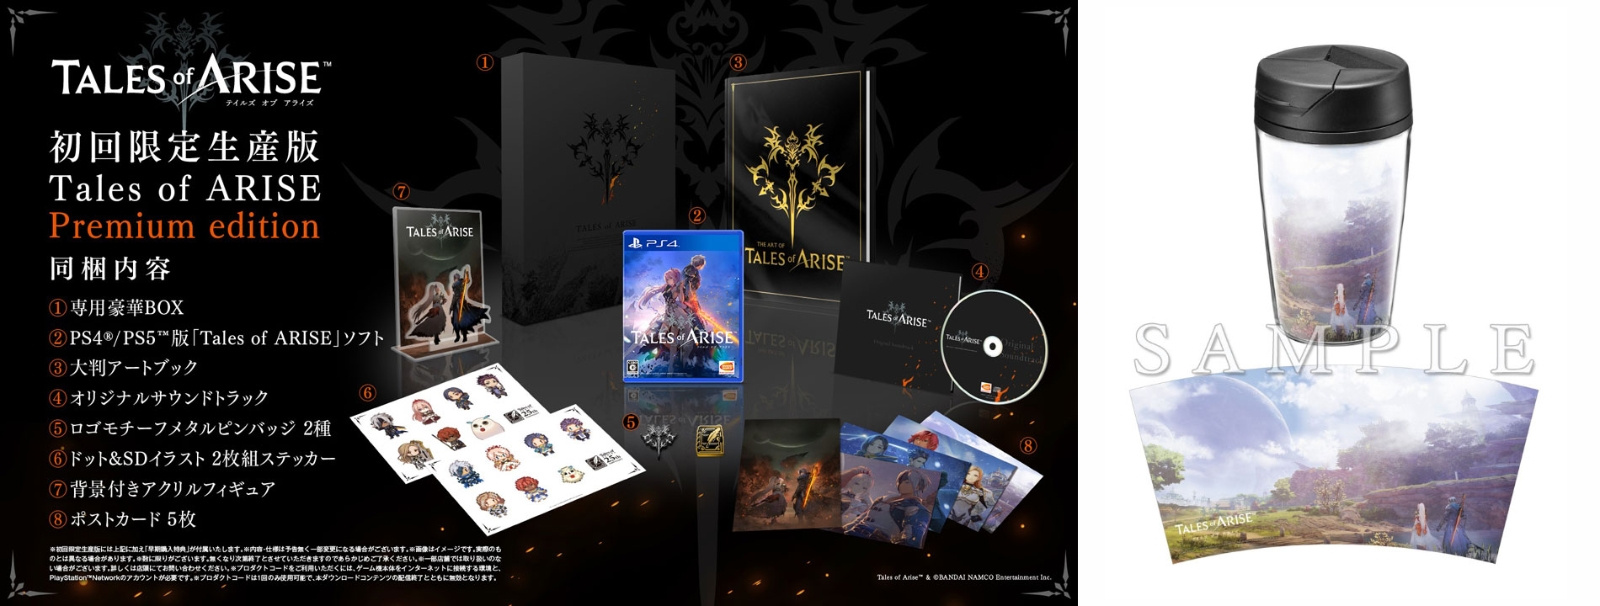 【予約】【楽天ブックス限定特典+特典】Tales of ARISE Premium edition PS4版(オリジナルタンブラー+【早期購入封入特典】ダウンロードコンテンツ4種が入手できるプロダクトコード)